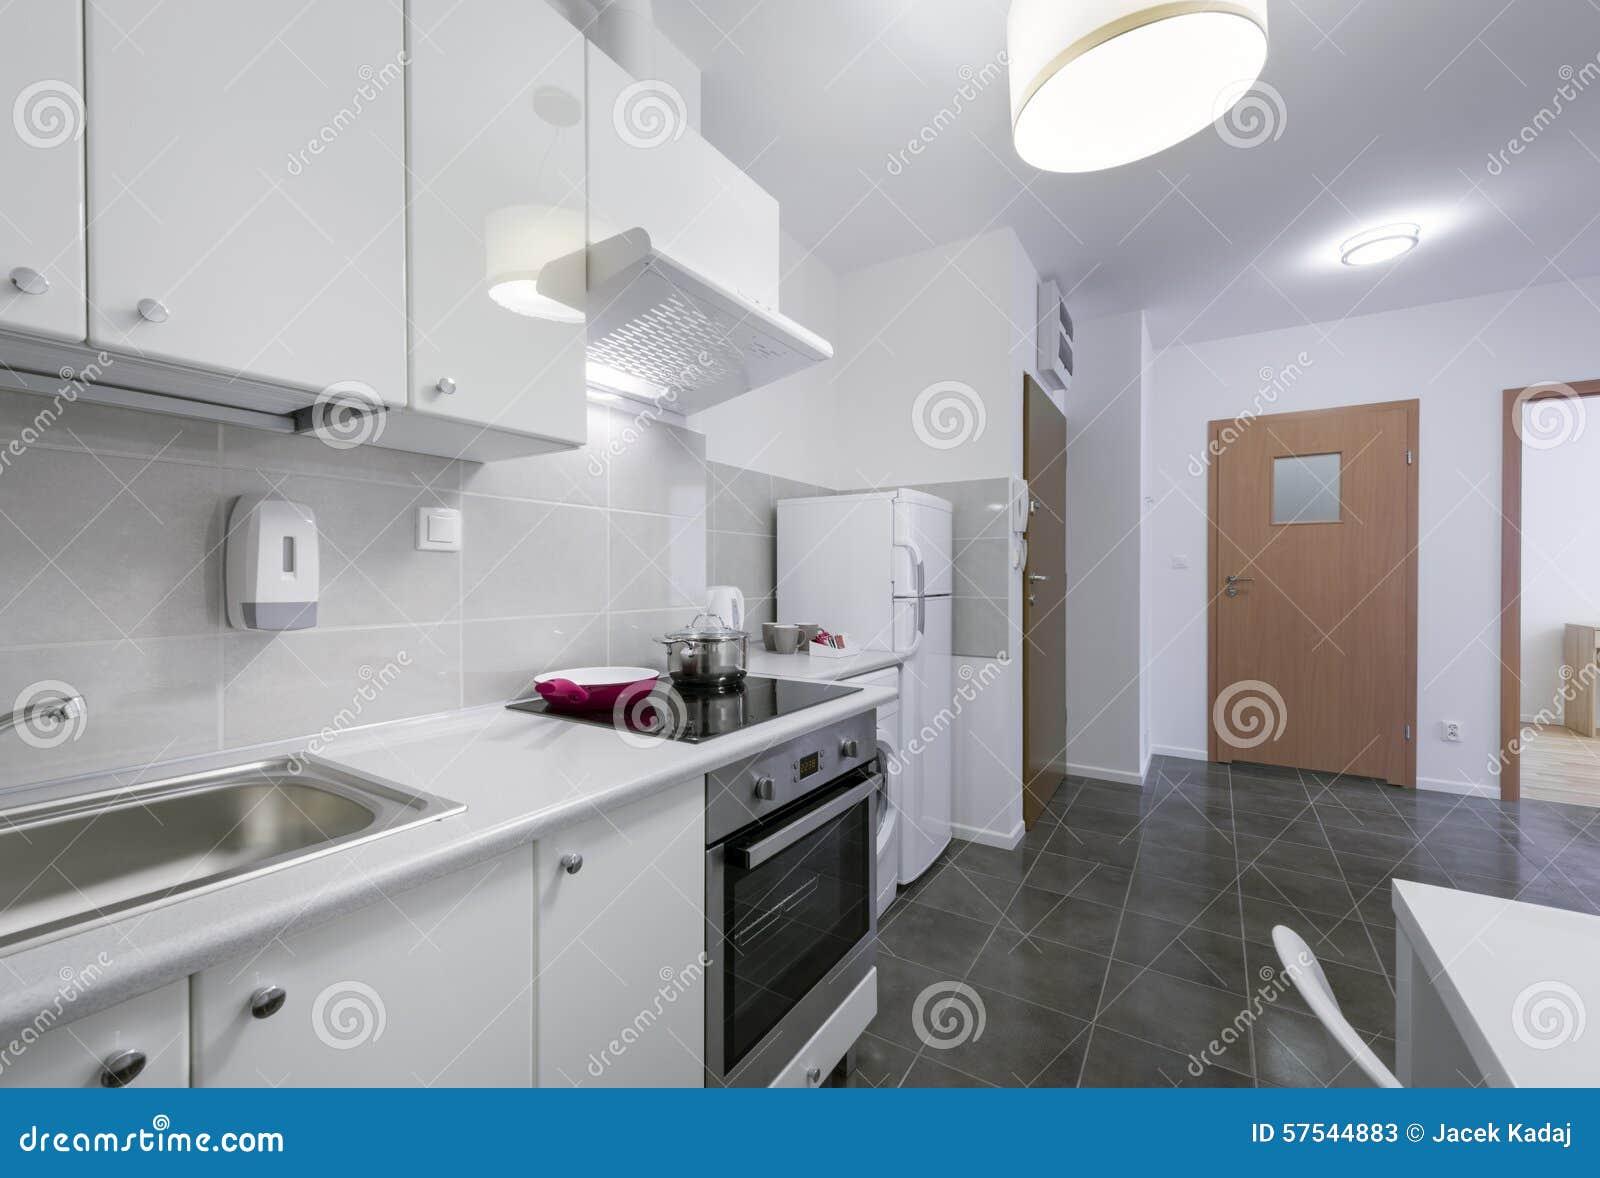 Innenarchitektur Der Kleinen, Weißen Modernen Küche Stockbild - Bild ...